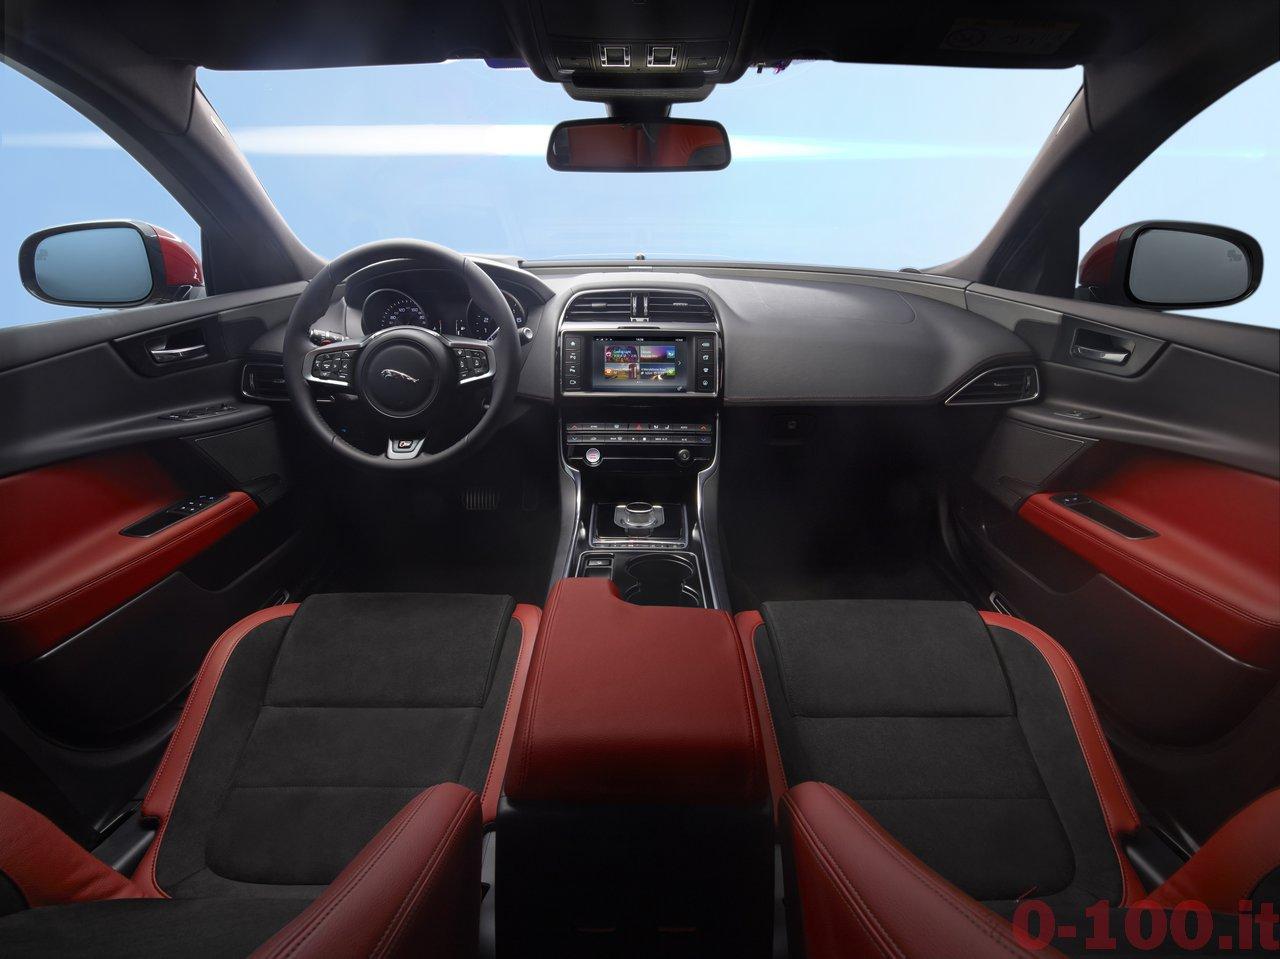 jaguar-xe-s-prezzo-price-2015_0-100_19